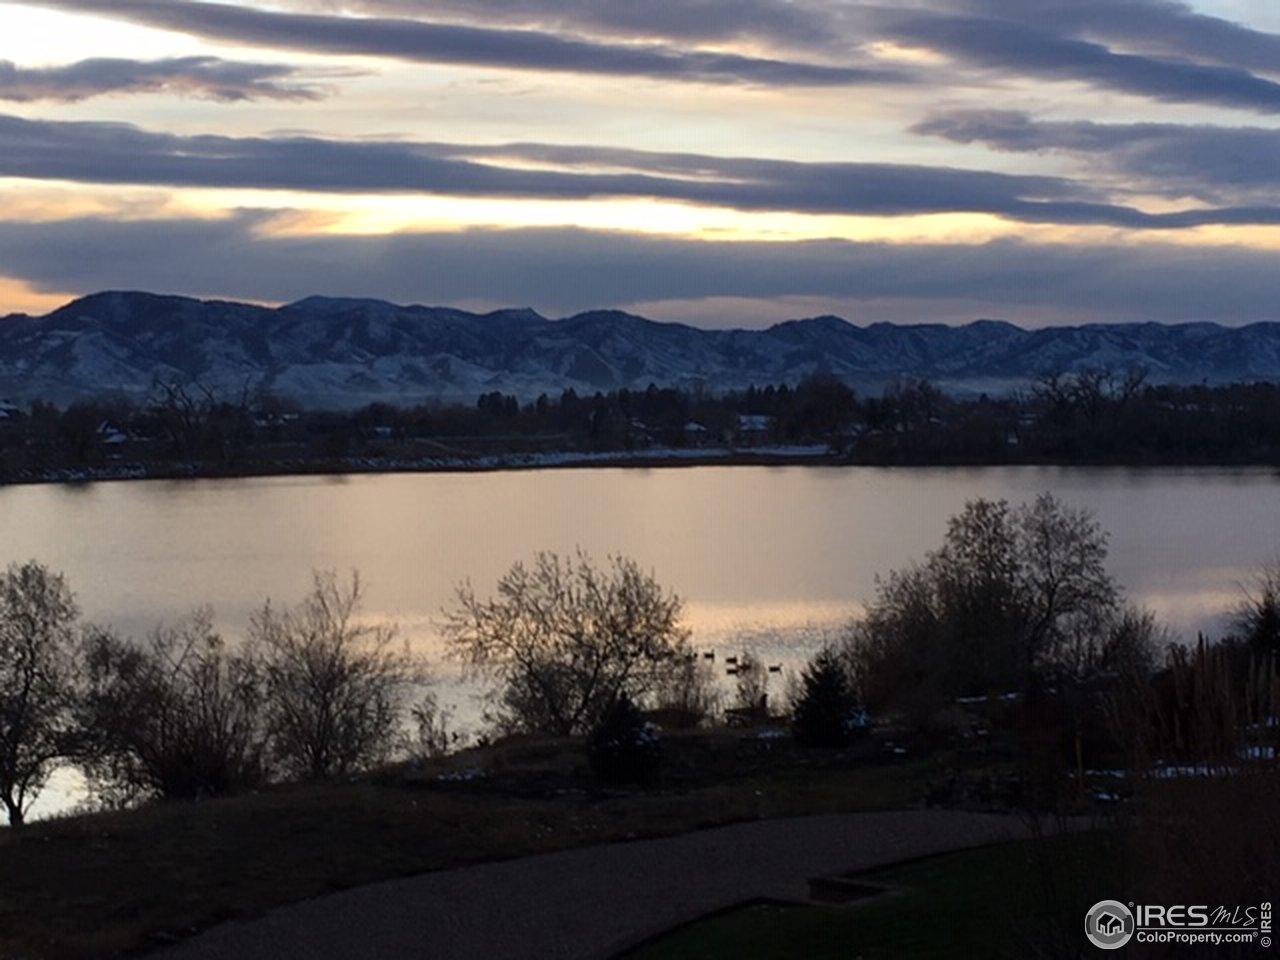 Richard's Lake at sunset